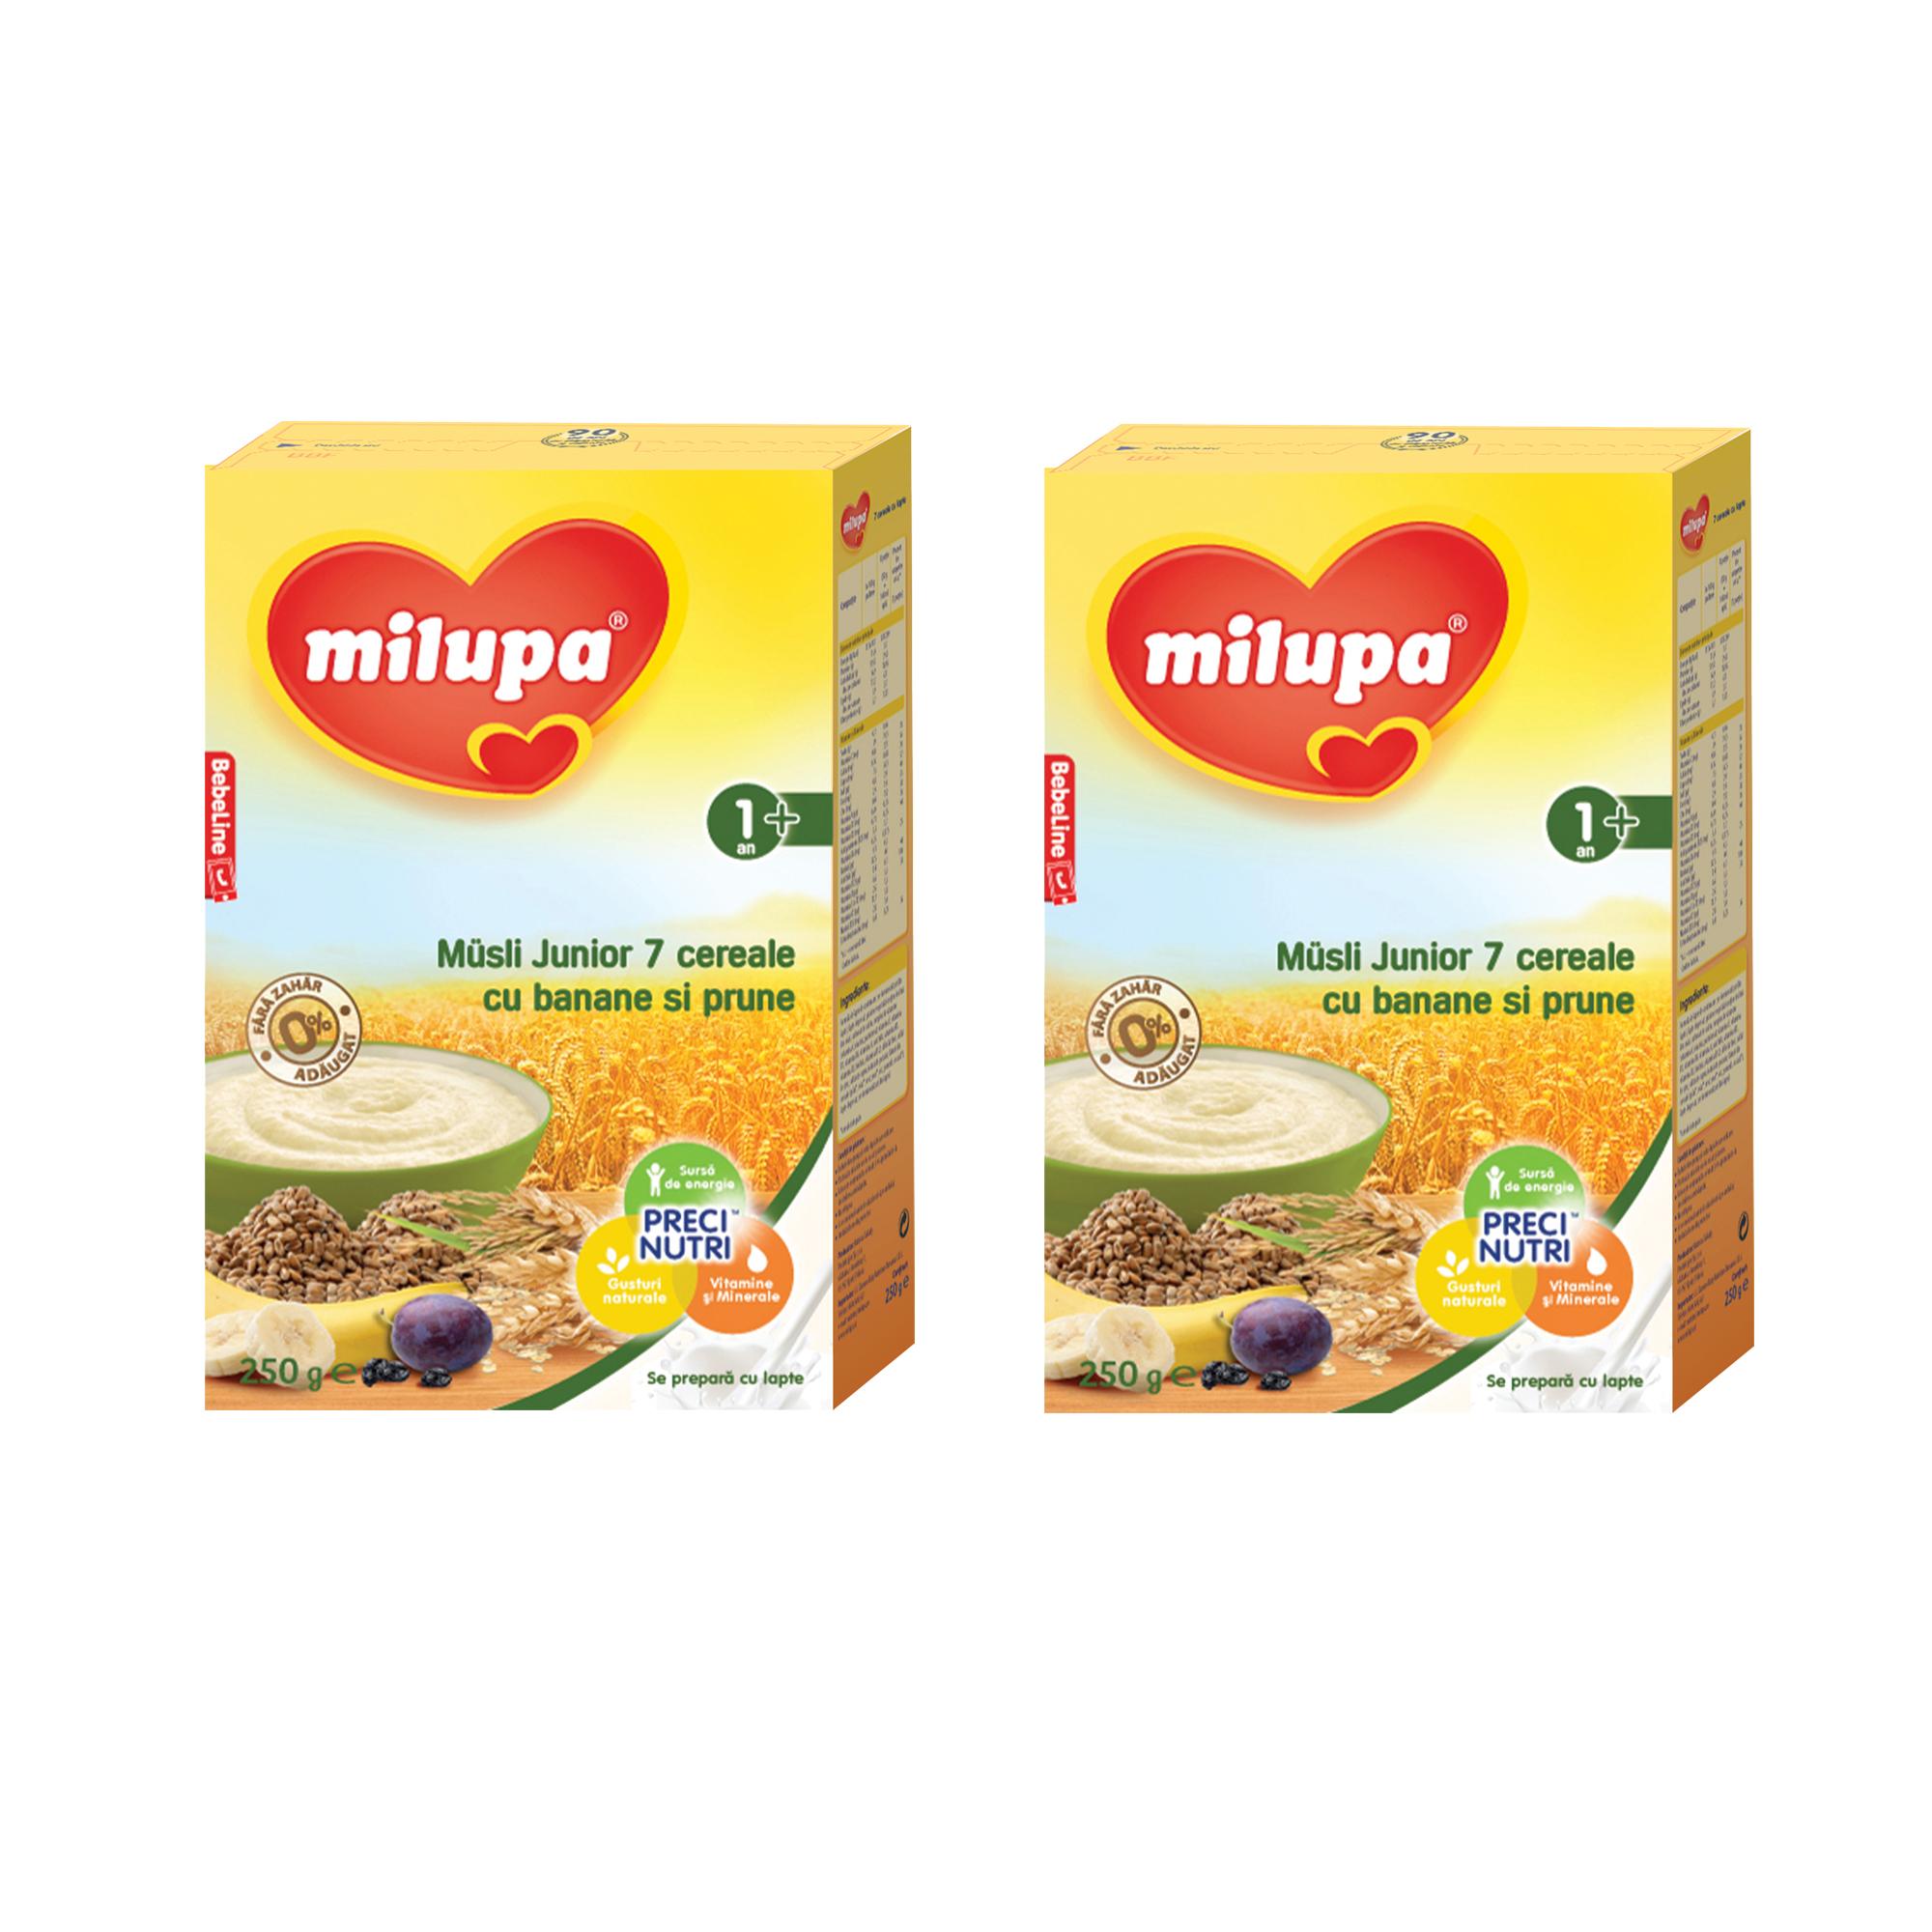 Pachet 2 x Cereale fara lapte, Milupa Musli Jr 7 cereale cu banane si prune, 250g, 12luni+